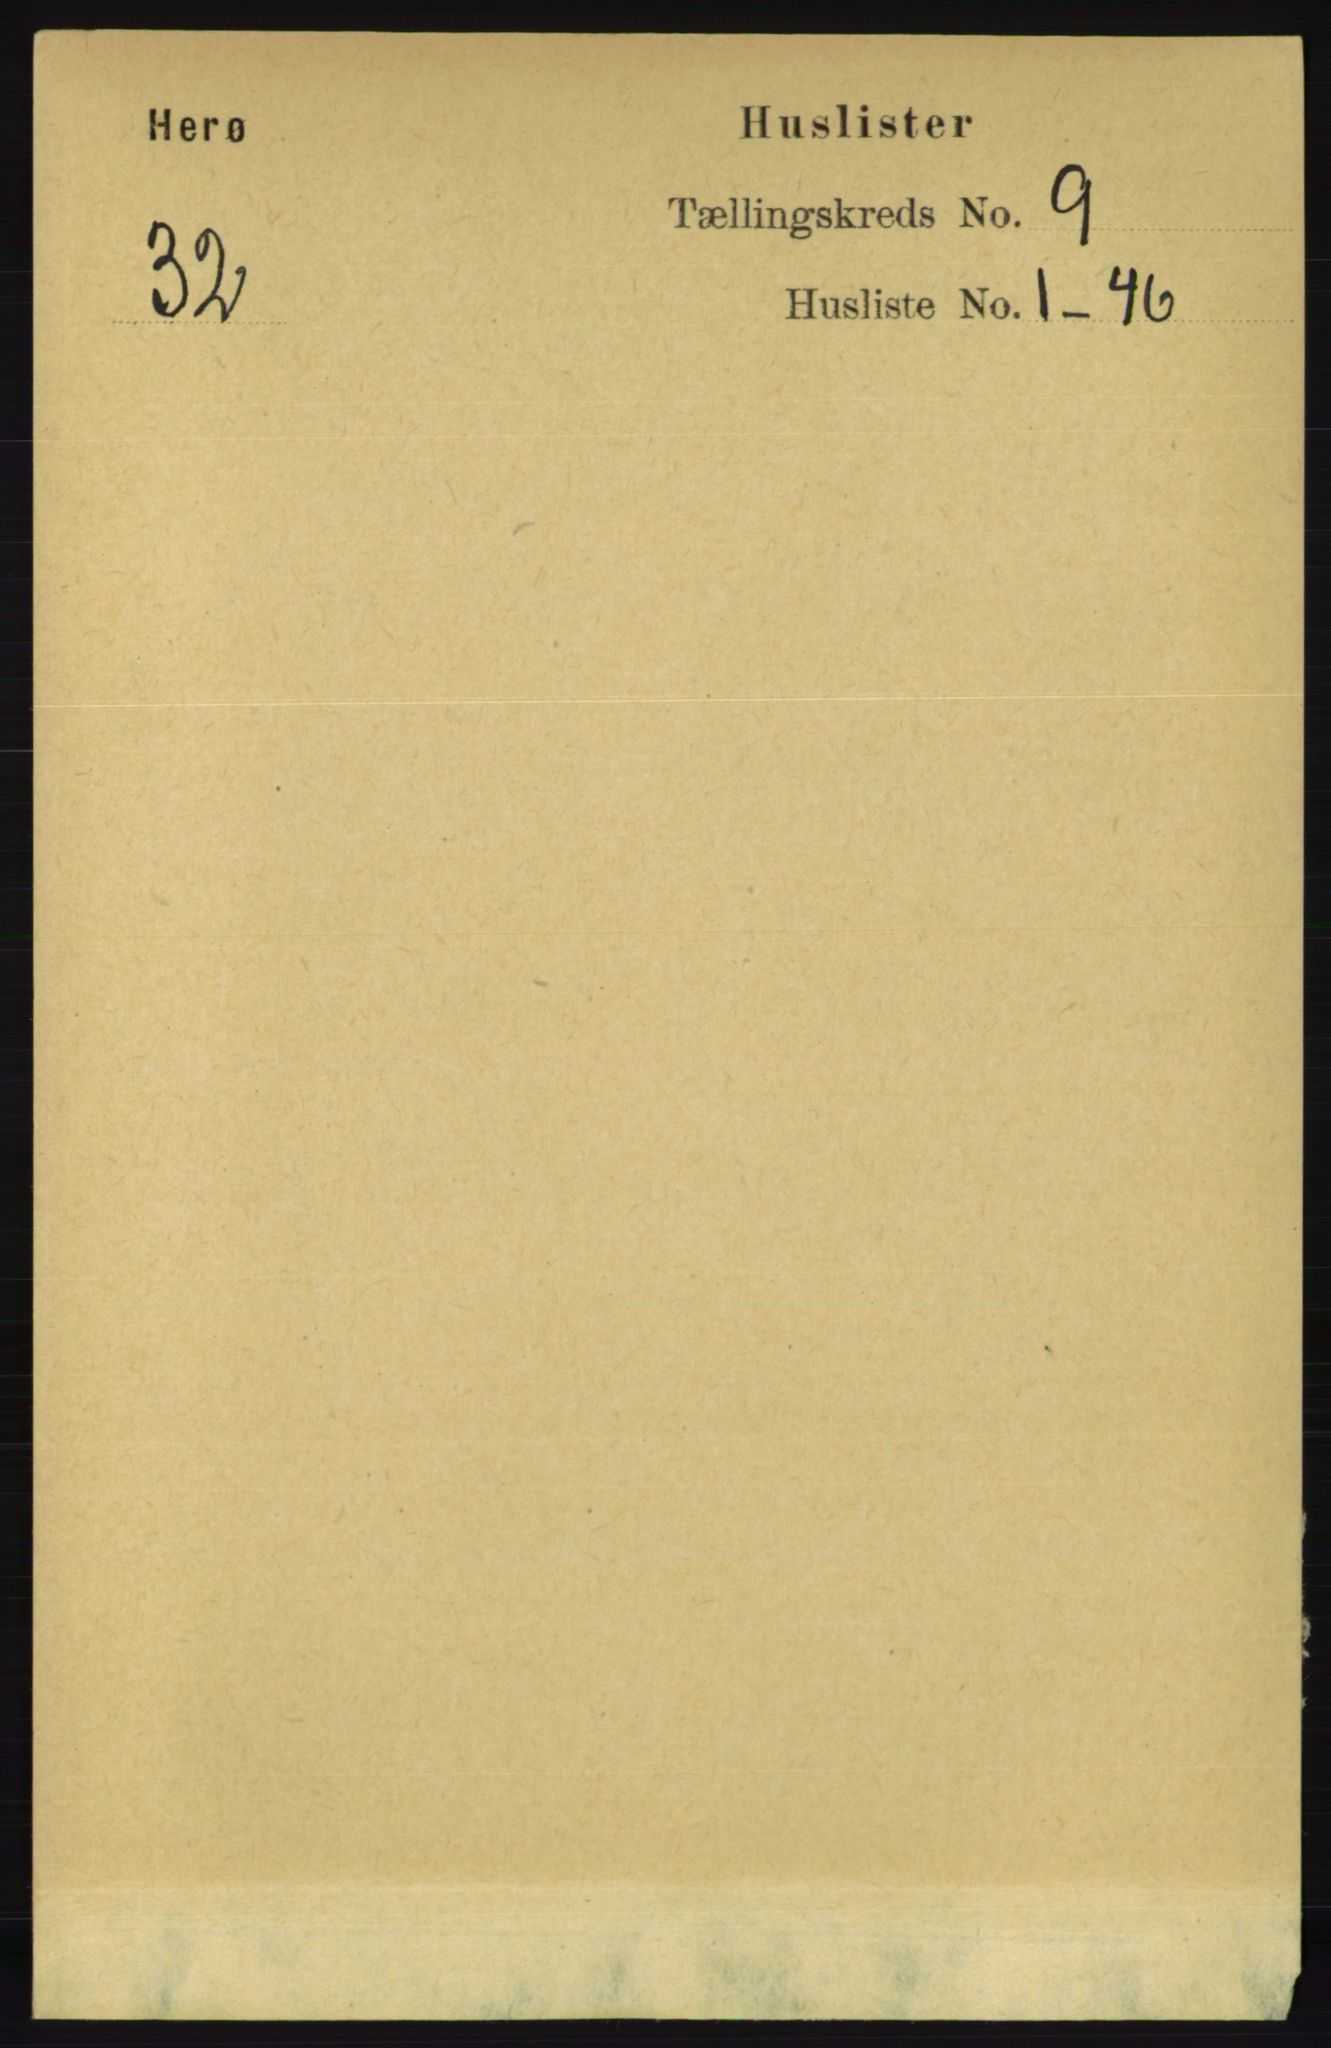 RA, Folketelling 1891 for 1818 Herøy herred, 1891, s. 3471